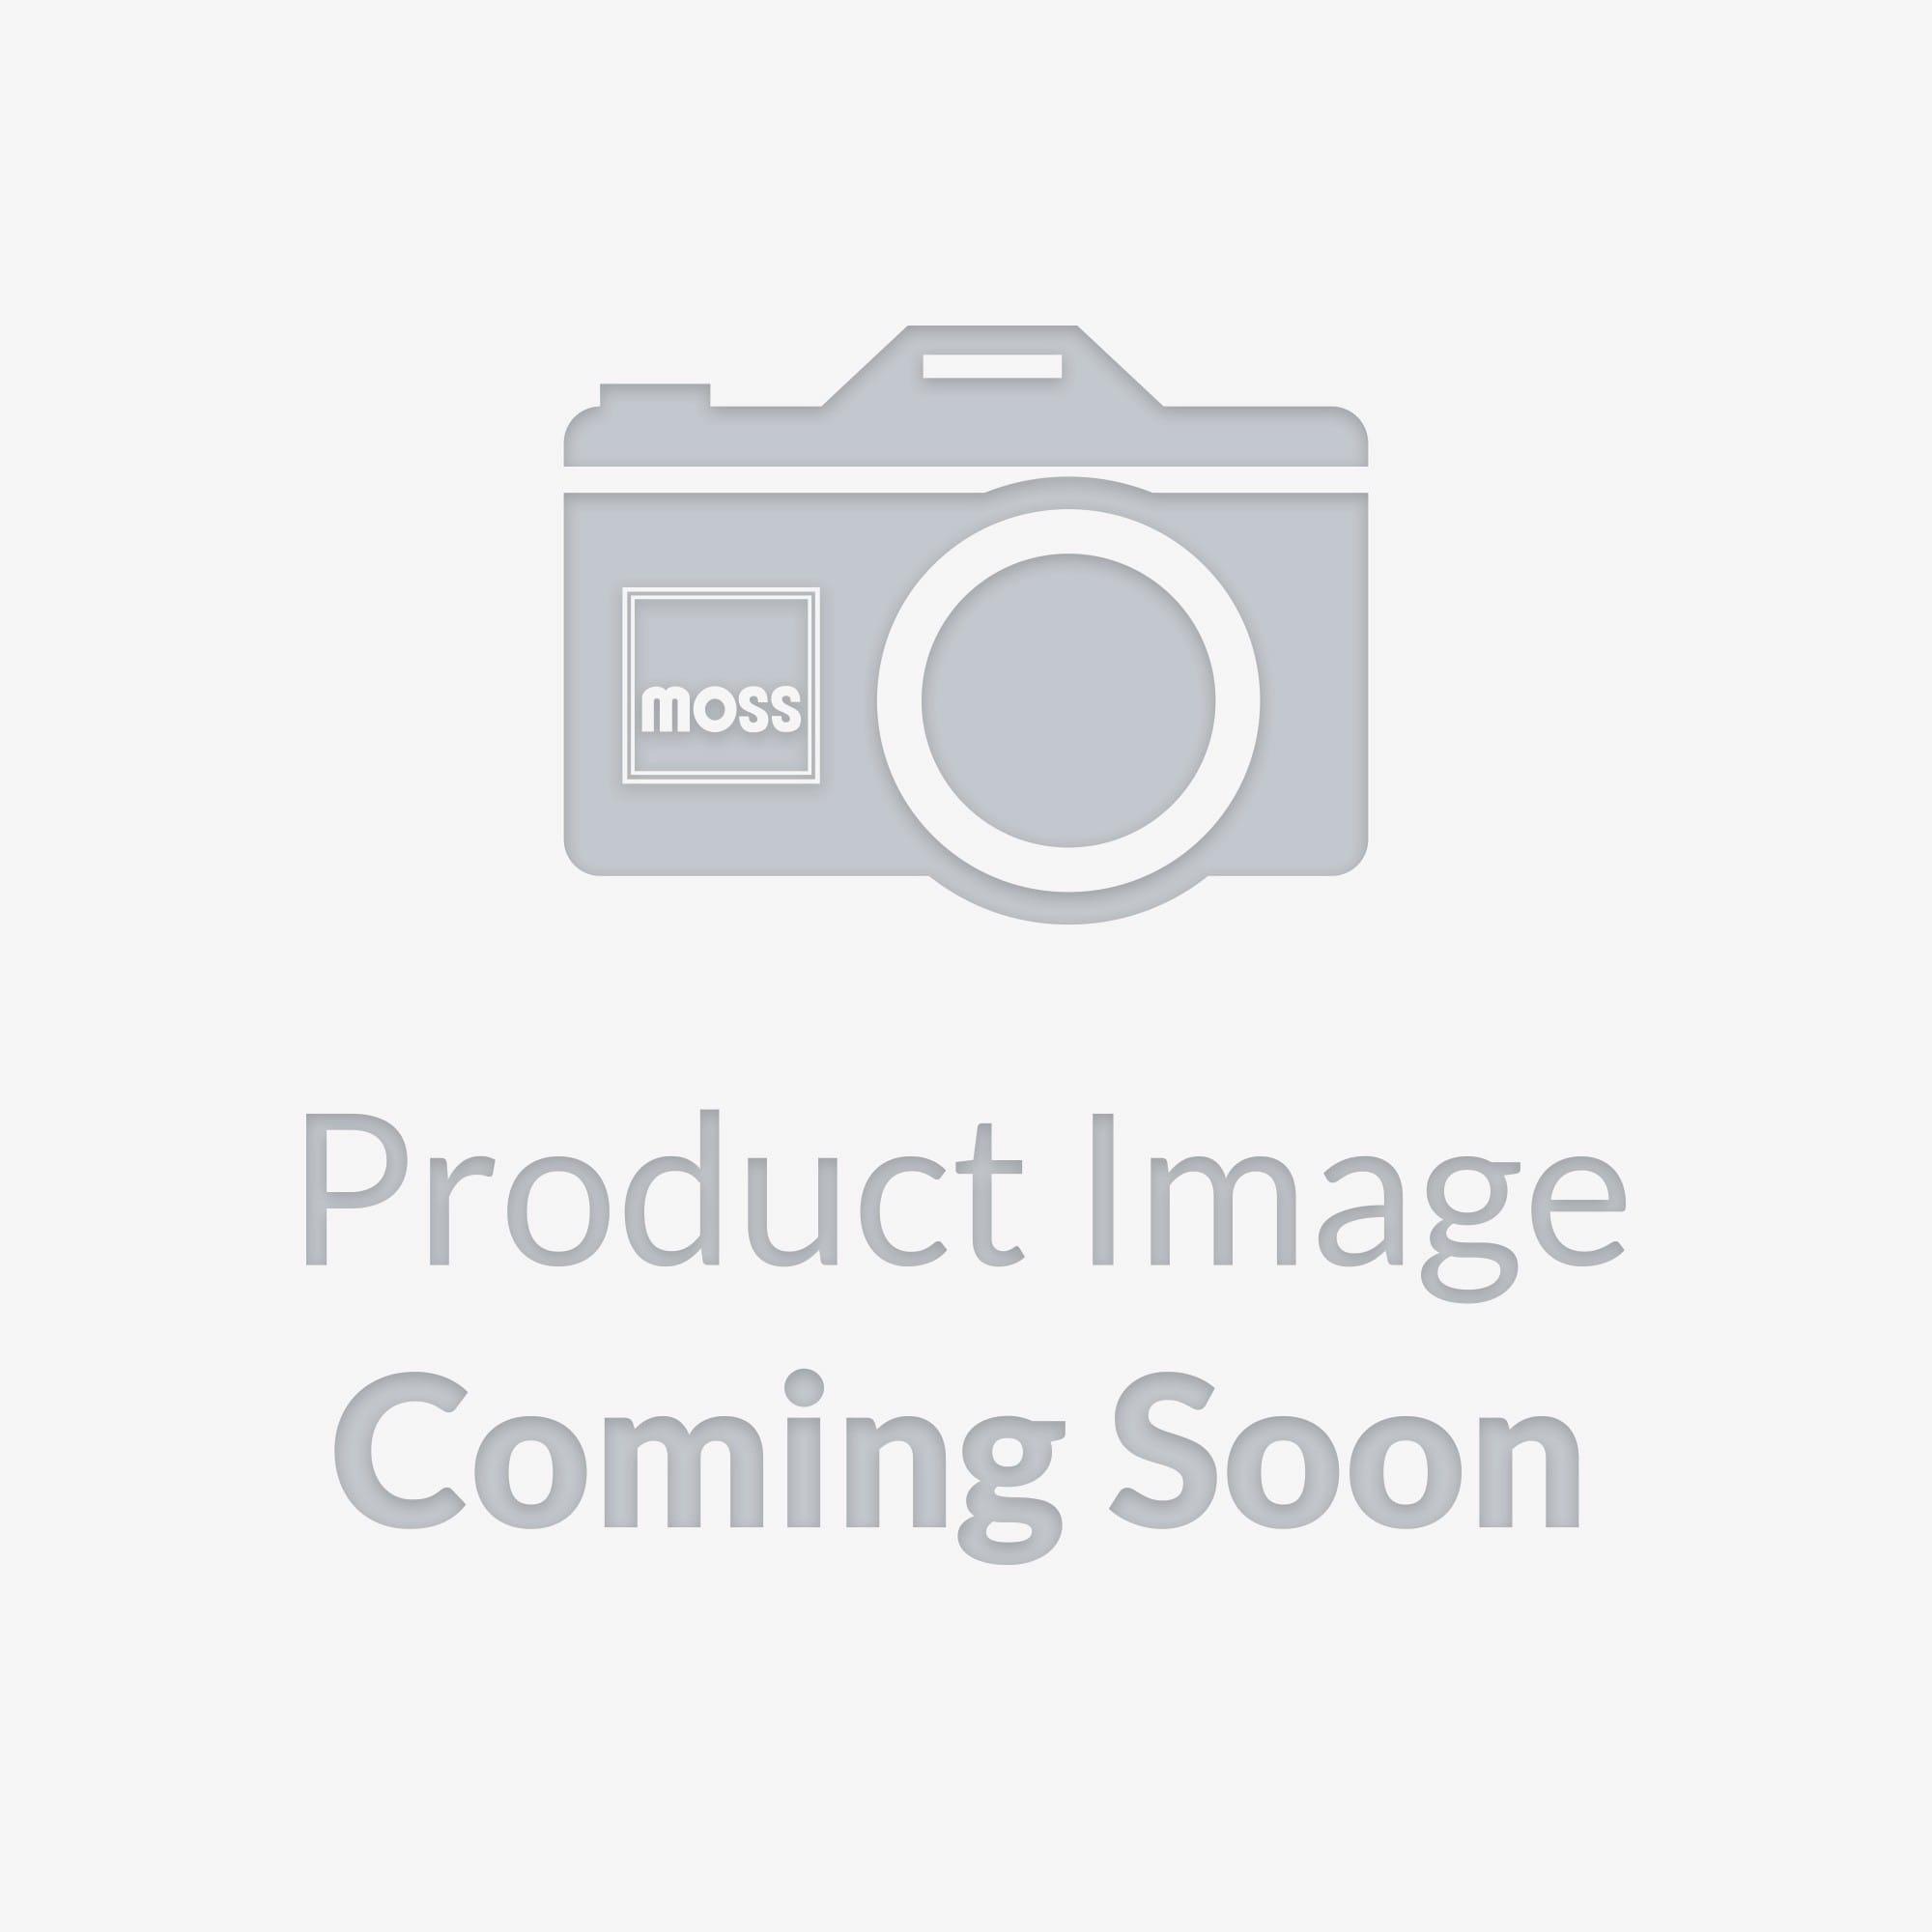 Mikuni Carburetor Conversion Kit Carburetors Fuel